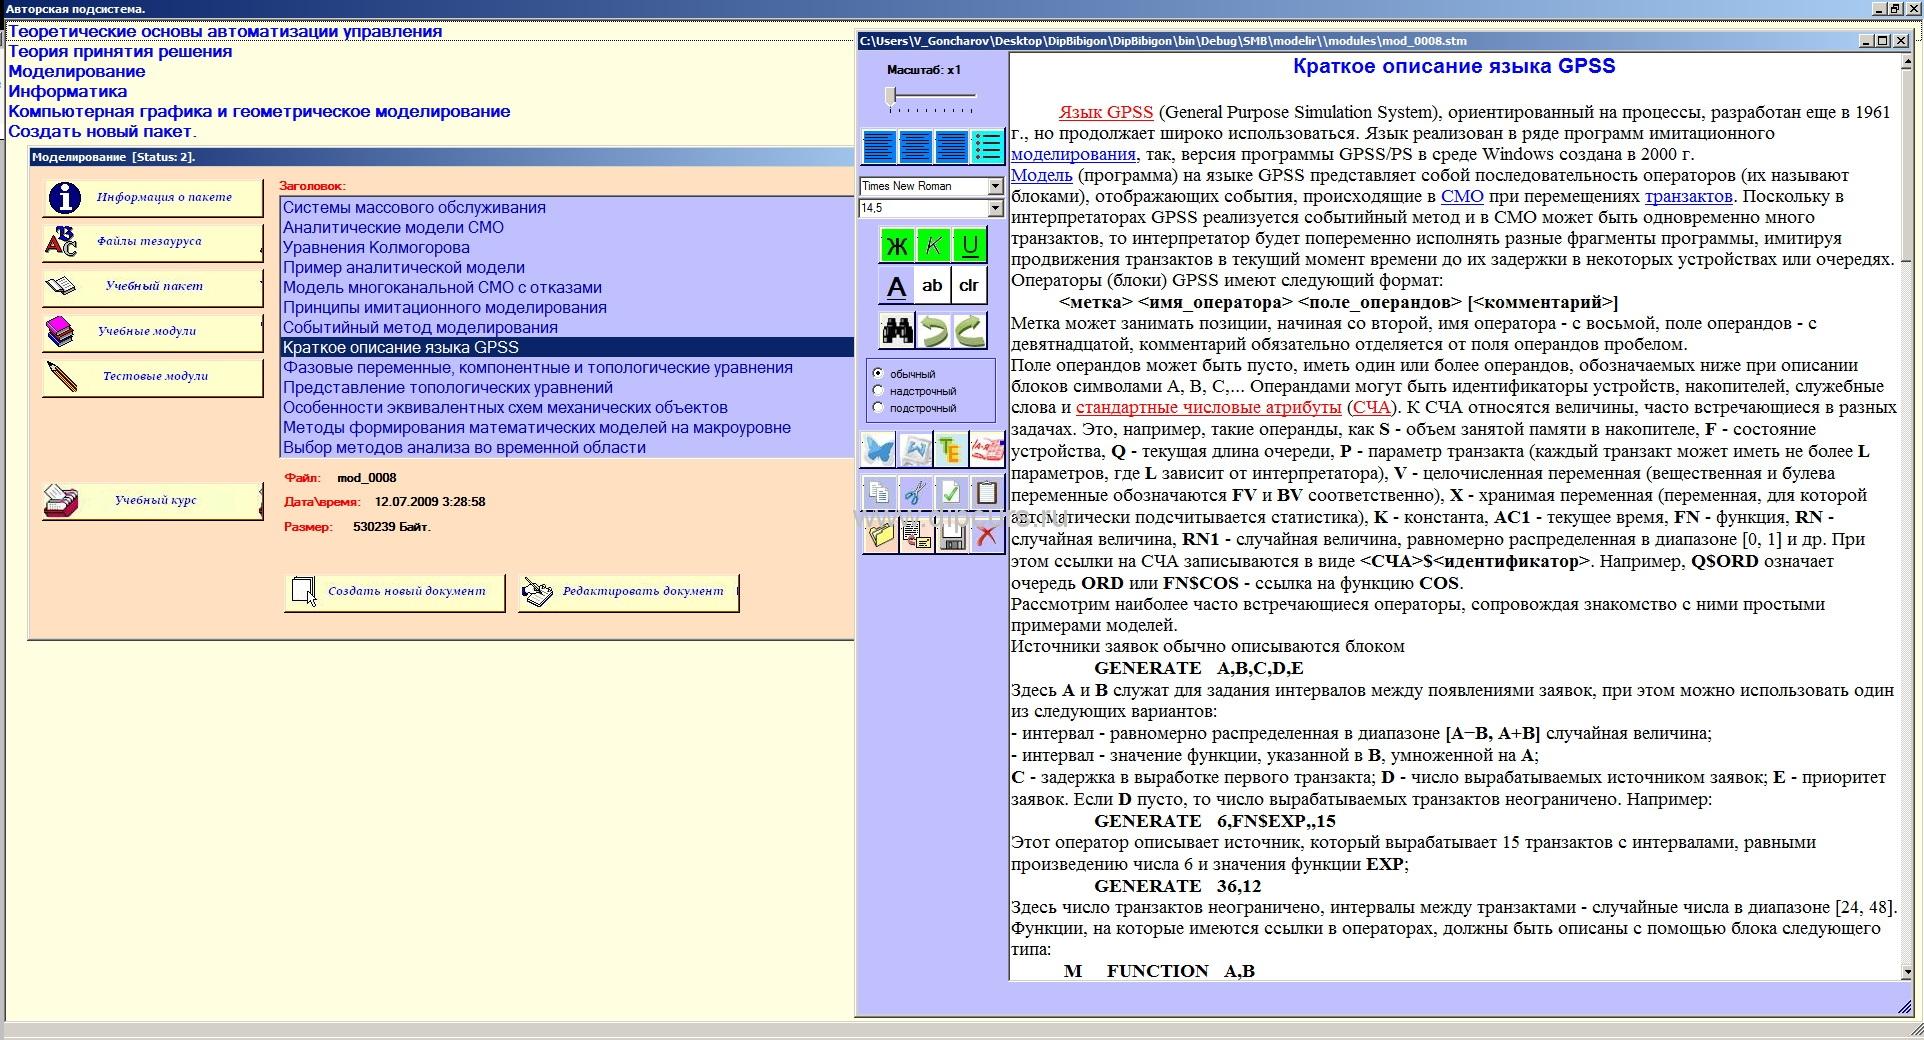 Разработка программ dipcurs Создание обучающего документа в программе дипломной работы